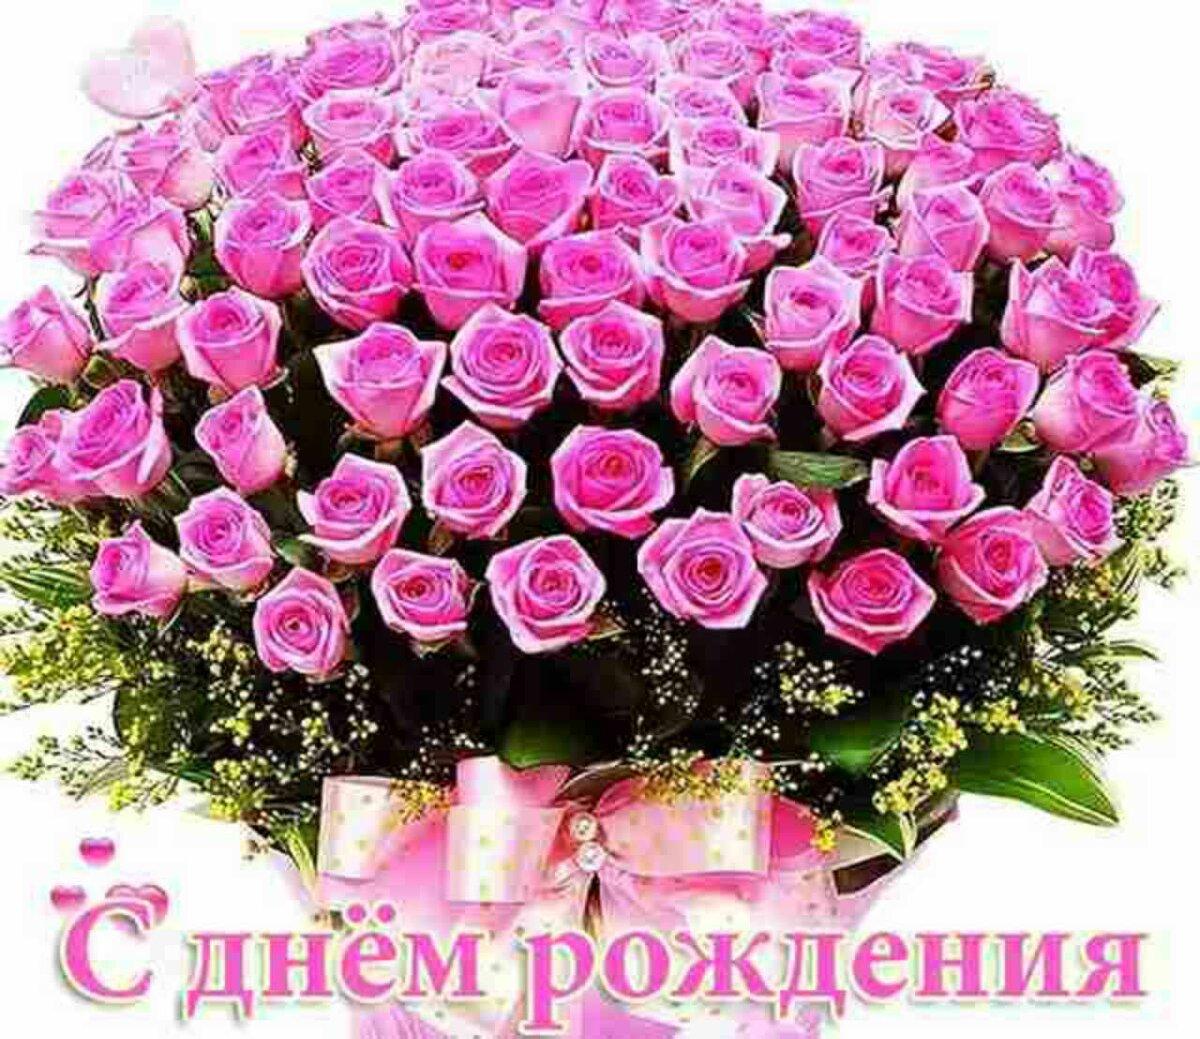 Цветочное поздравление с юбилеем для женщины